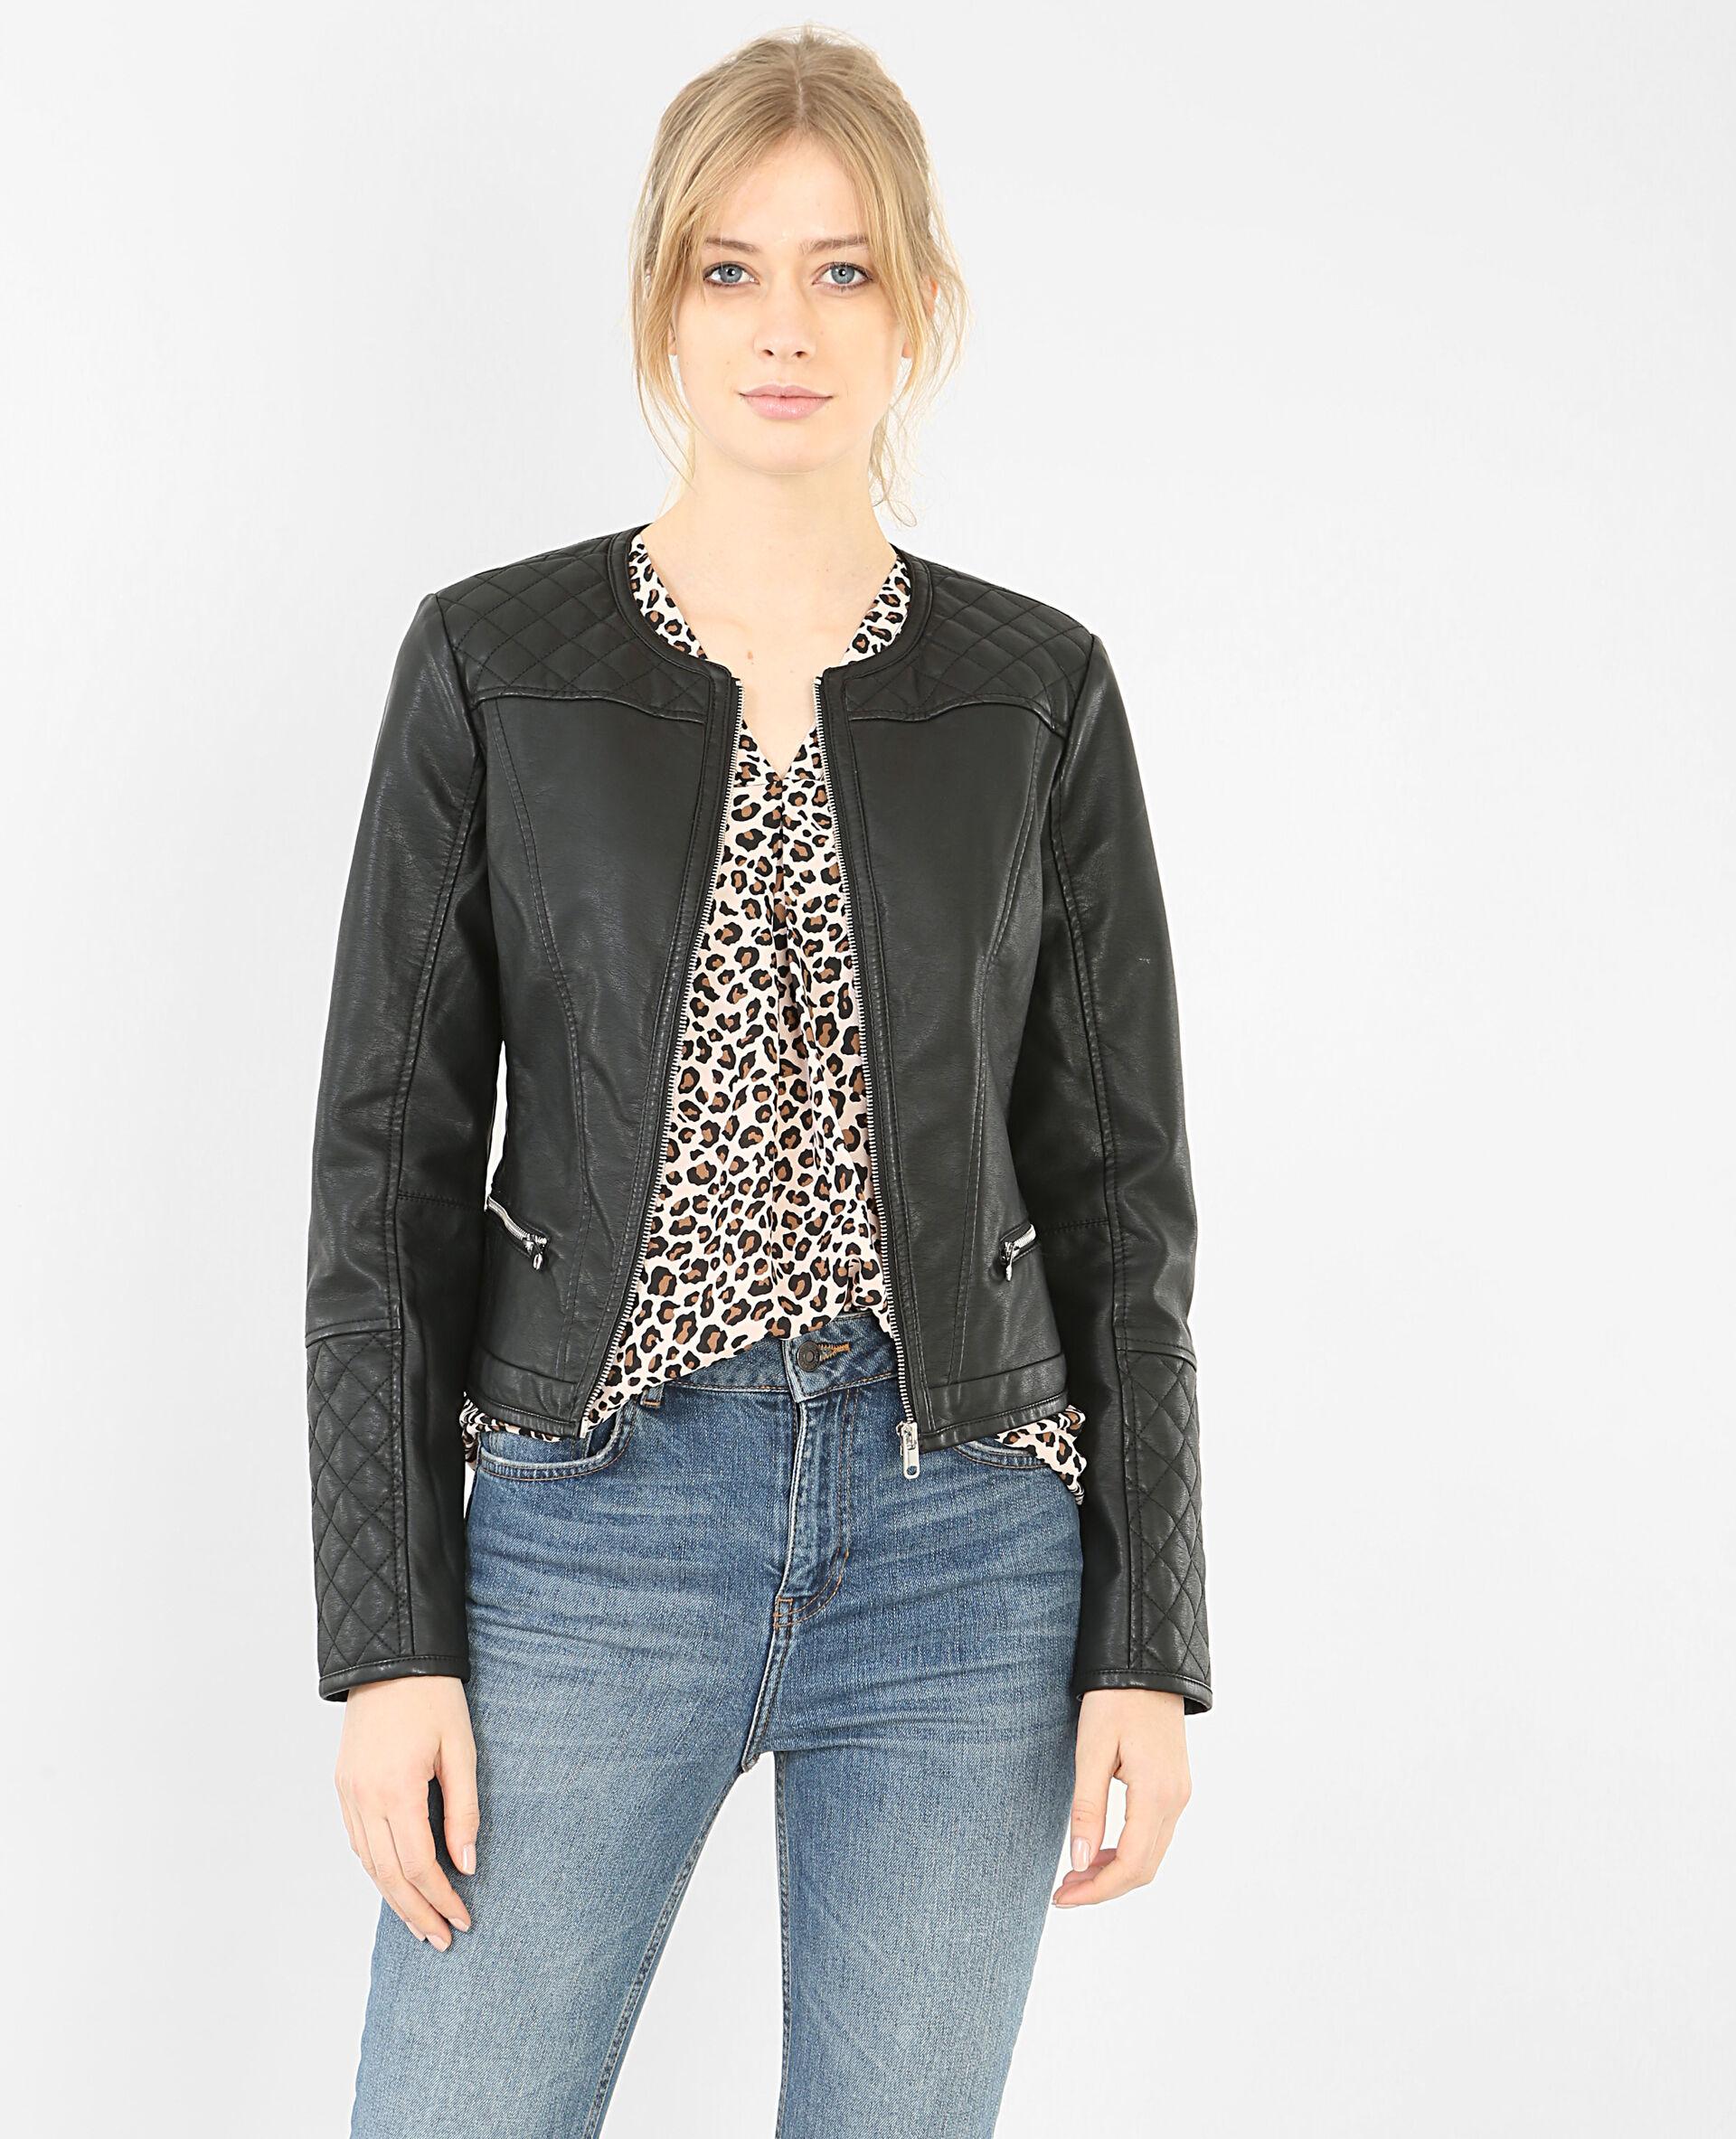 ✅Veste biker Femme - Couleur noir - Taille 40 - PIMKIE - MODE FEMME